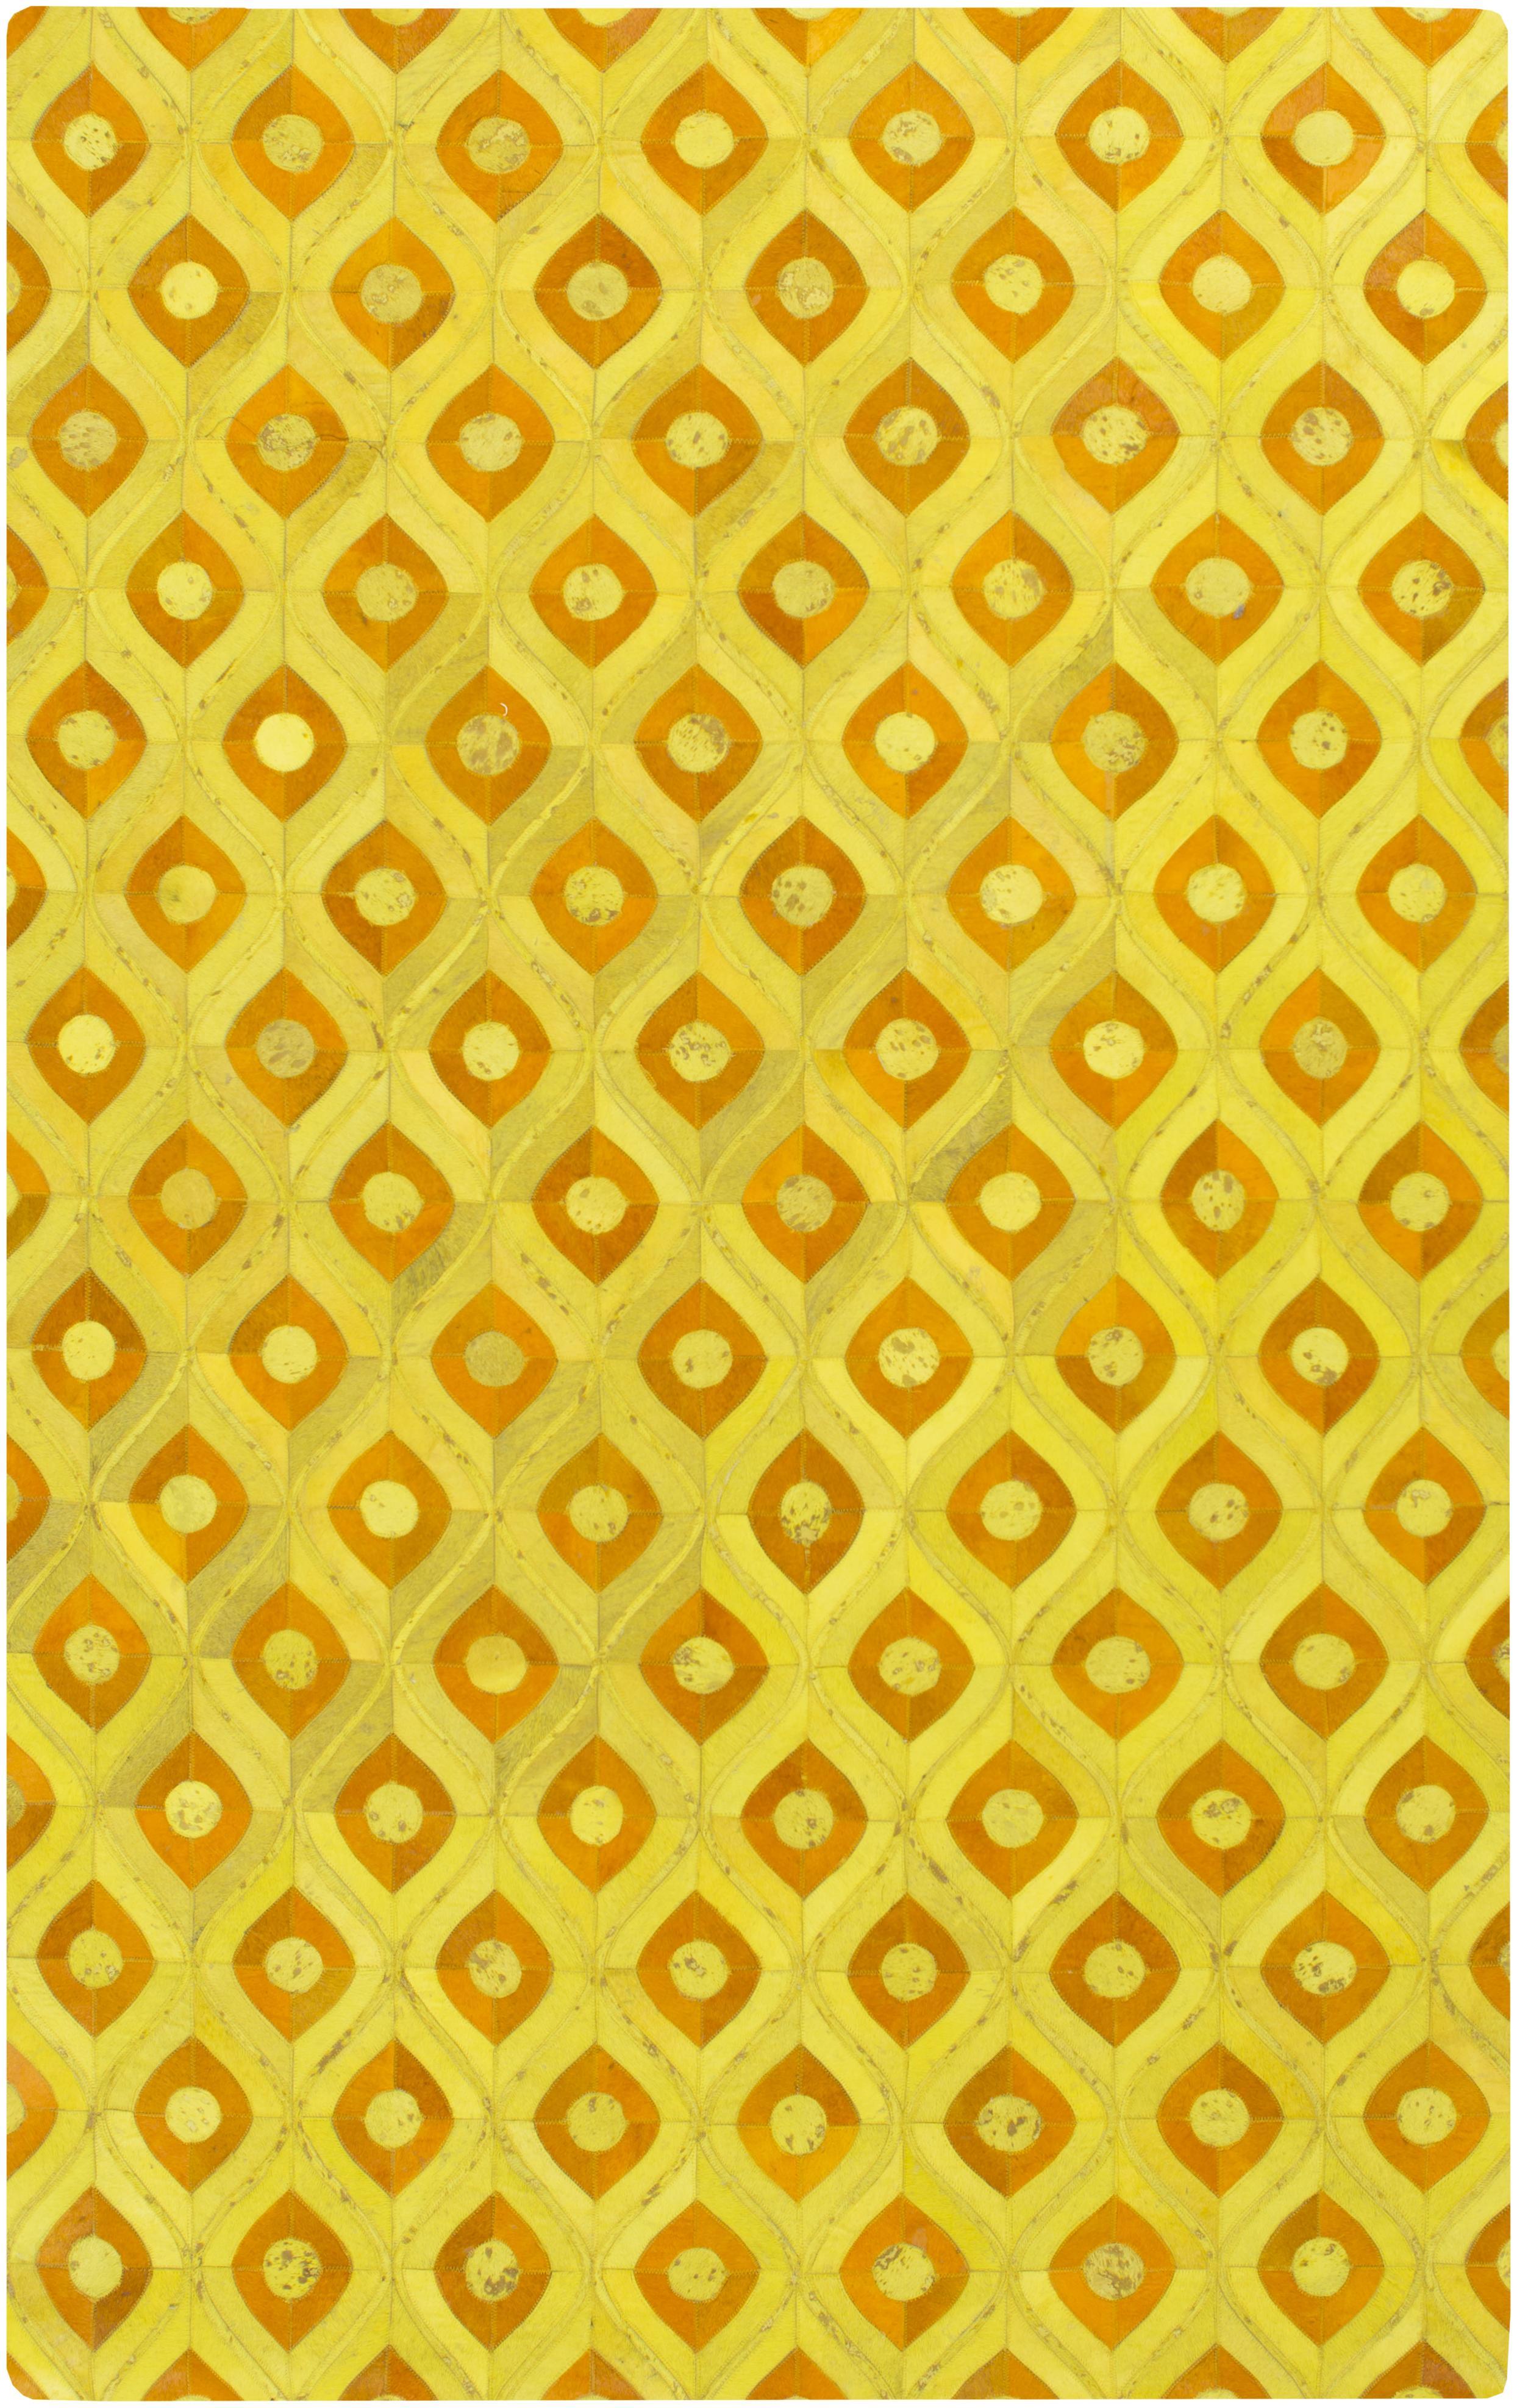 Surya Rugs Houseman 5' x 8' - Item Number: HSM4064-58